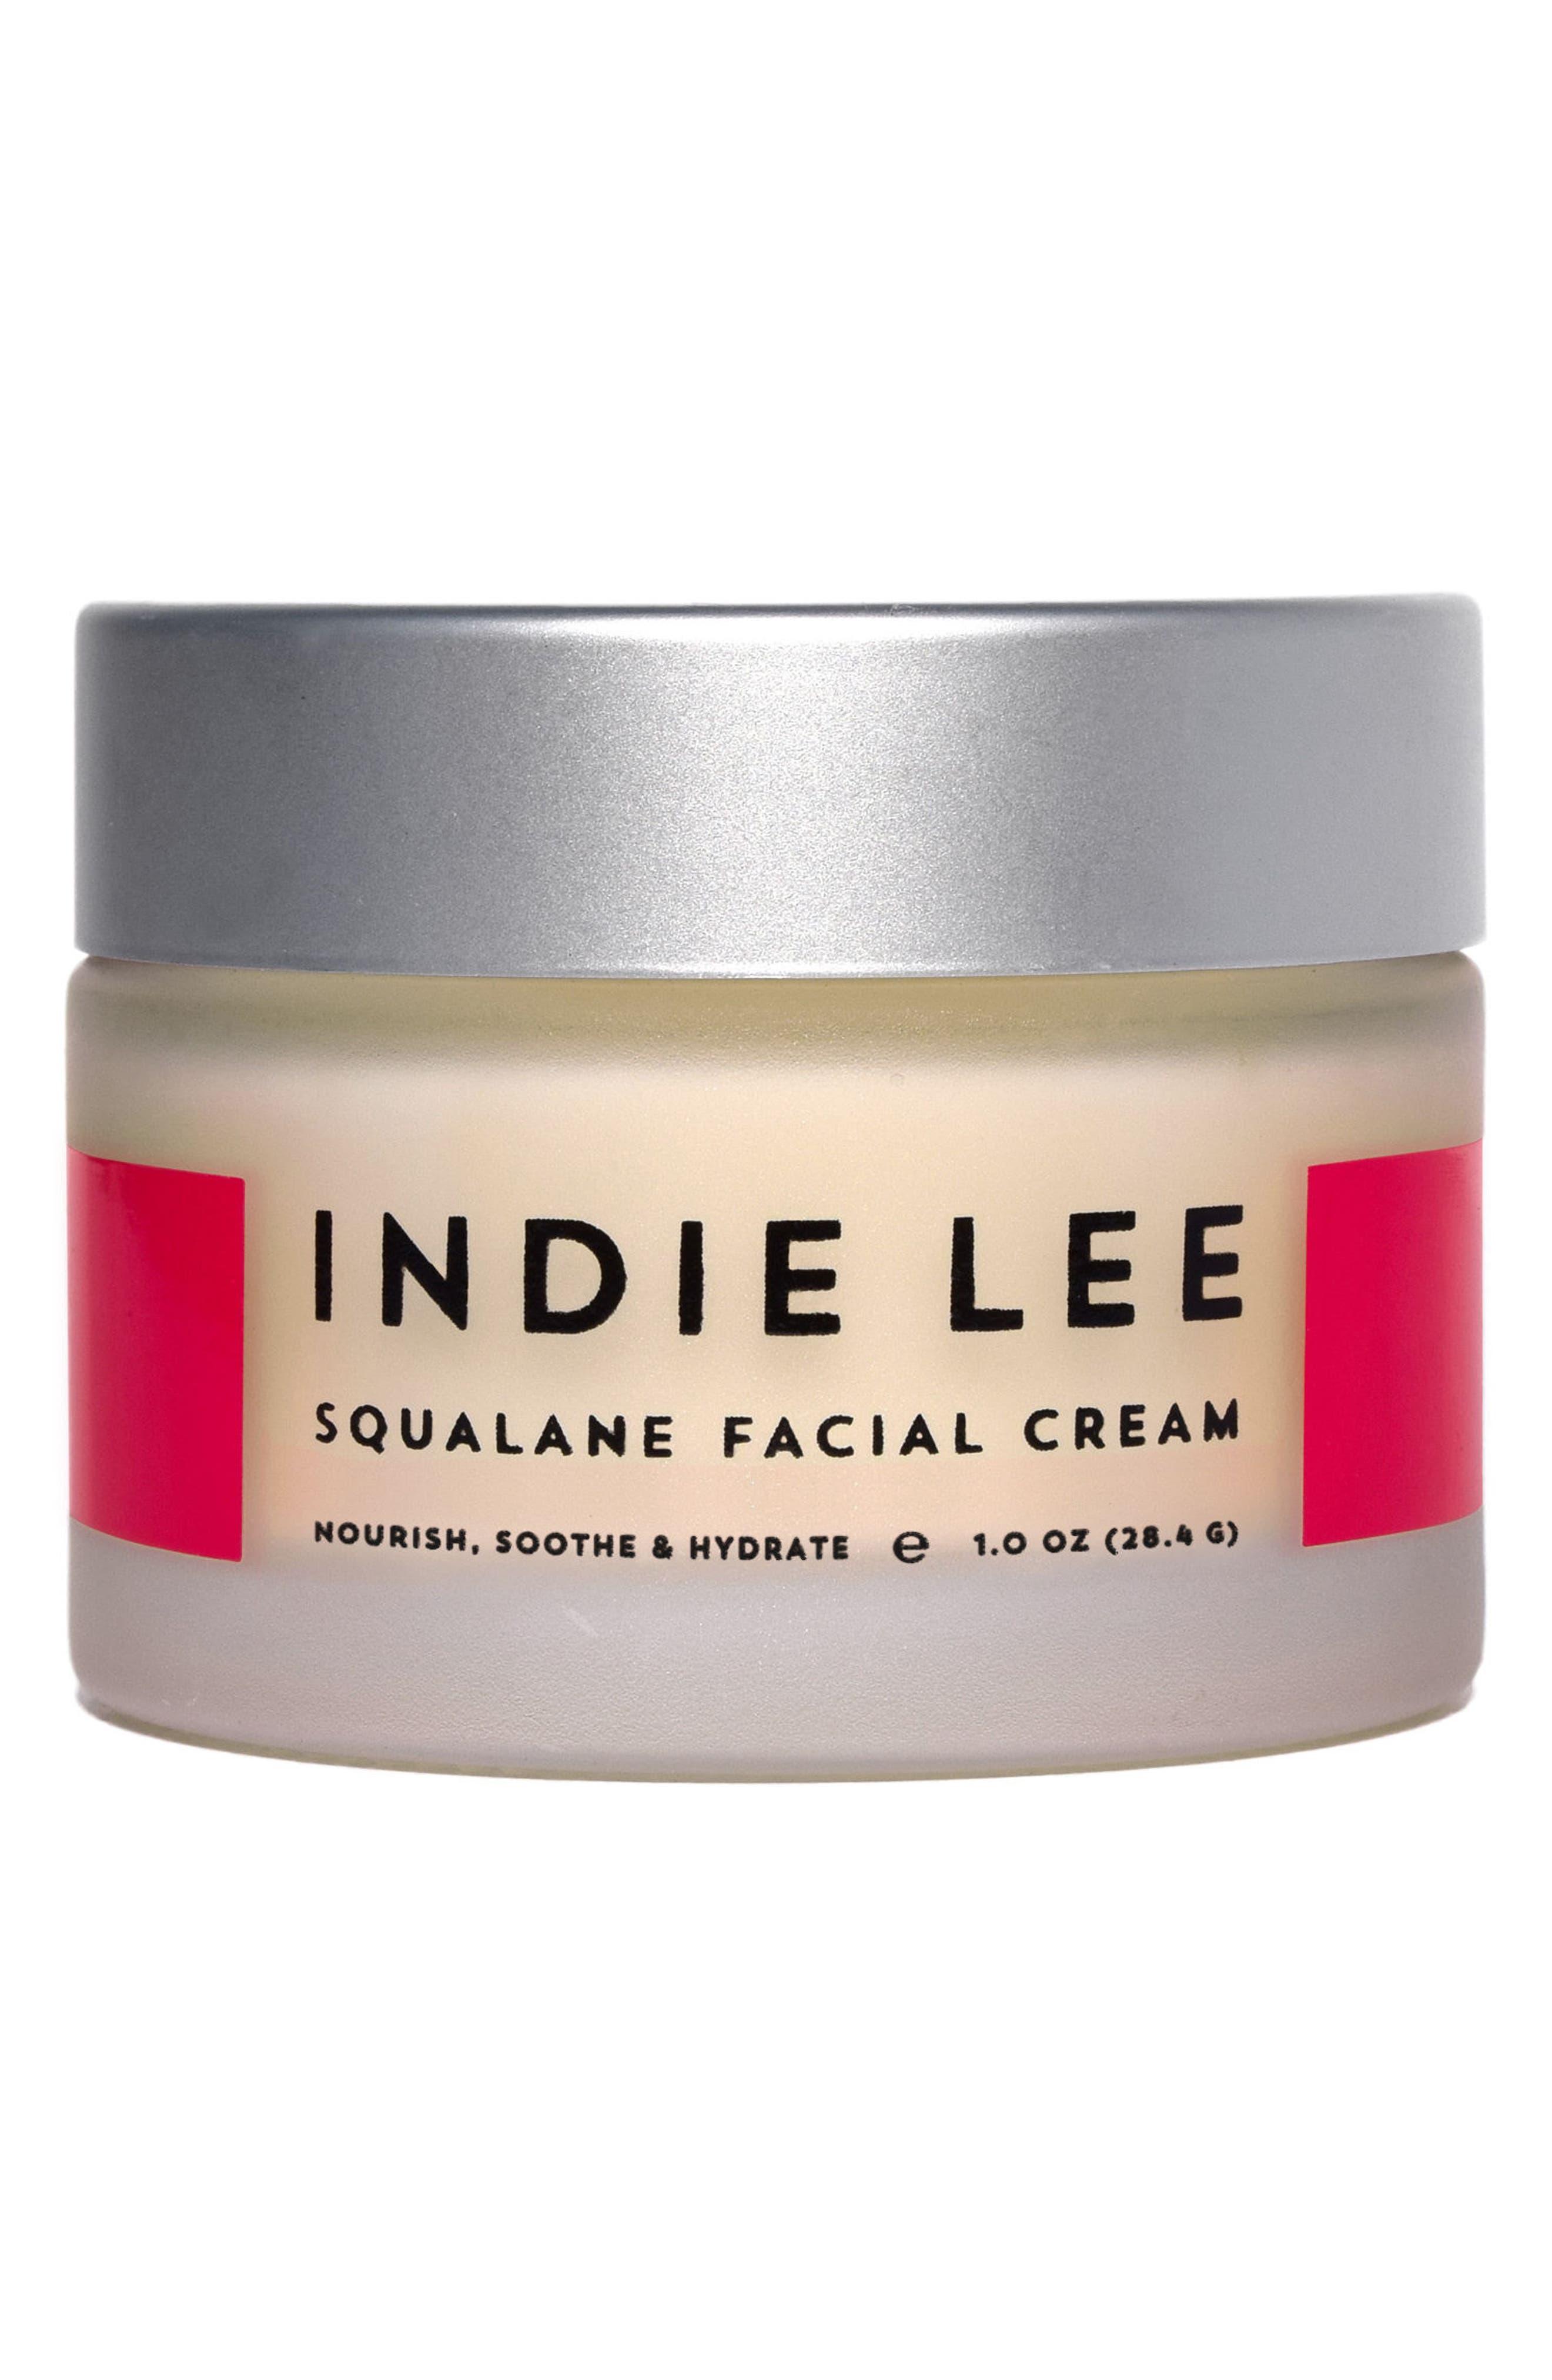 Squalane Facial Cream,                             Main thumbnail 1, color,                             No Color